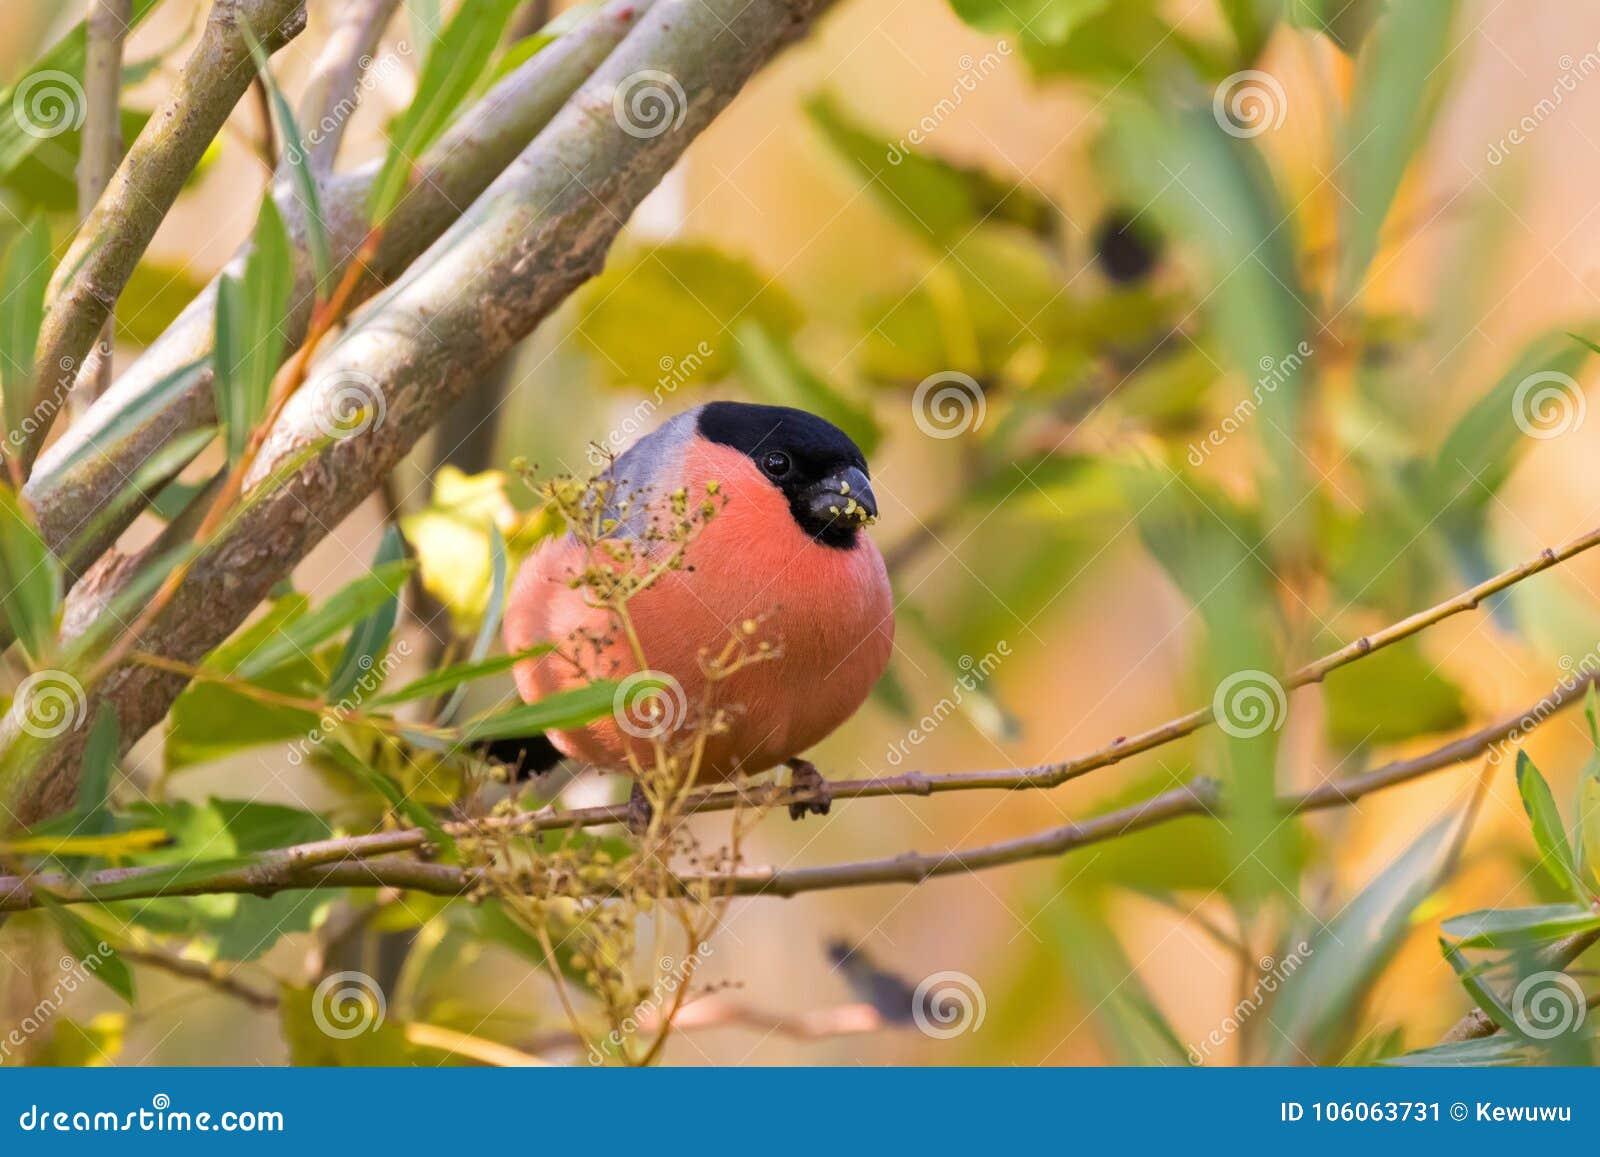 Мужская евроазиатская общая птица Bullfinch в красном апельсине садясь на насест на tr